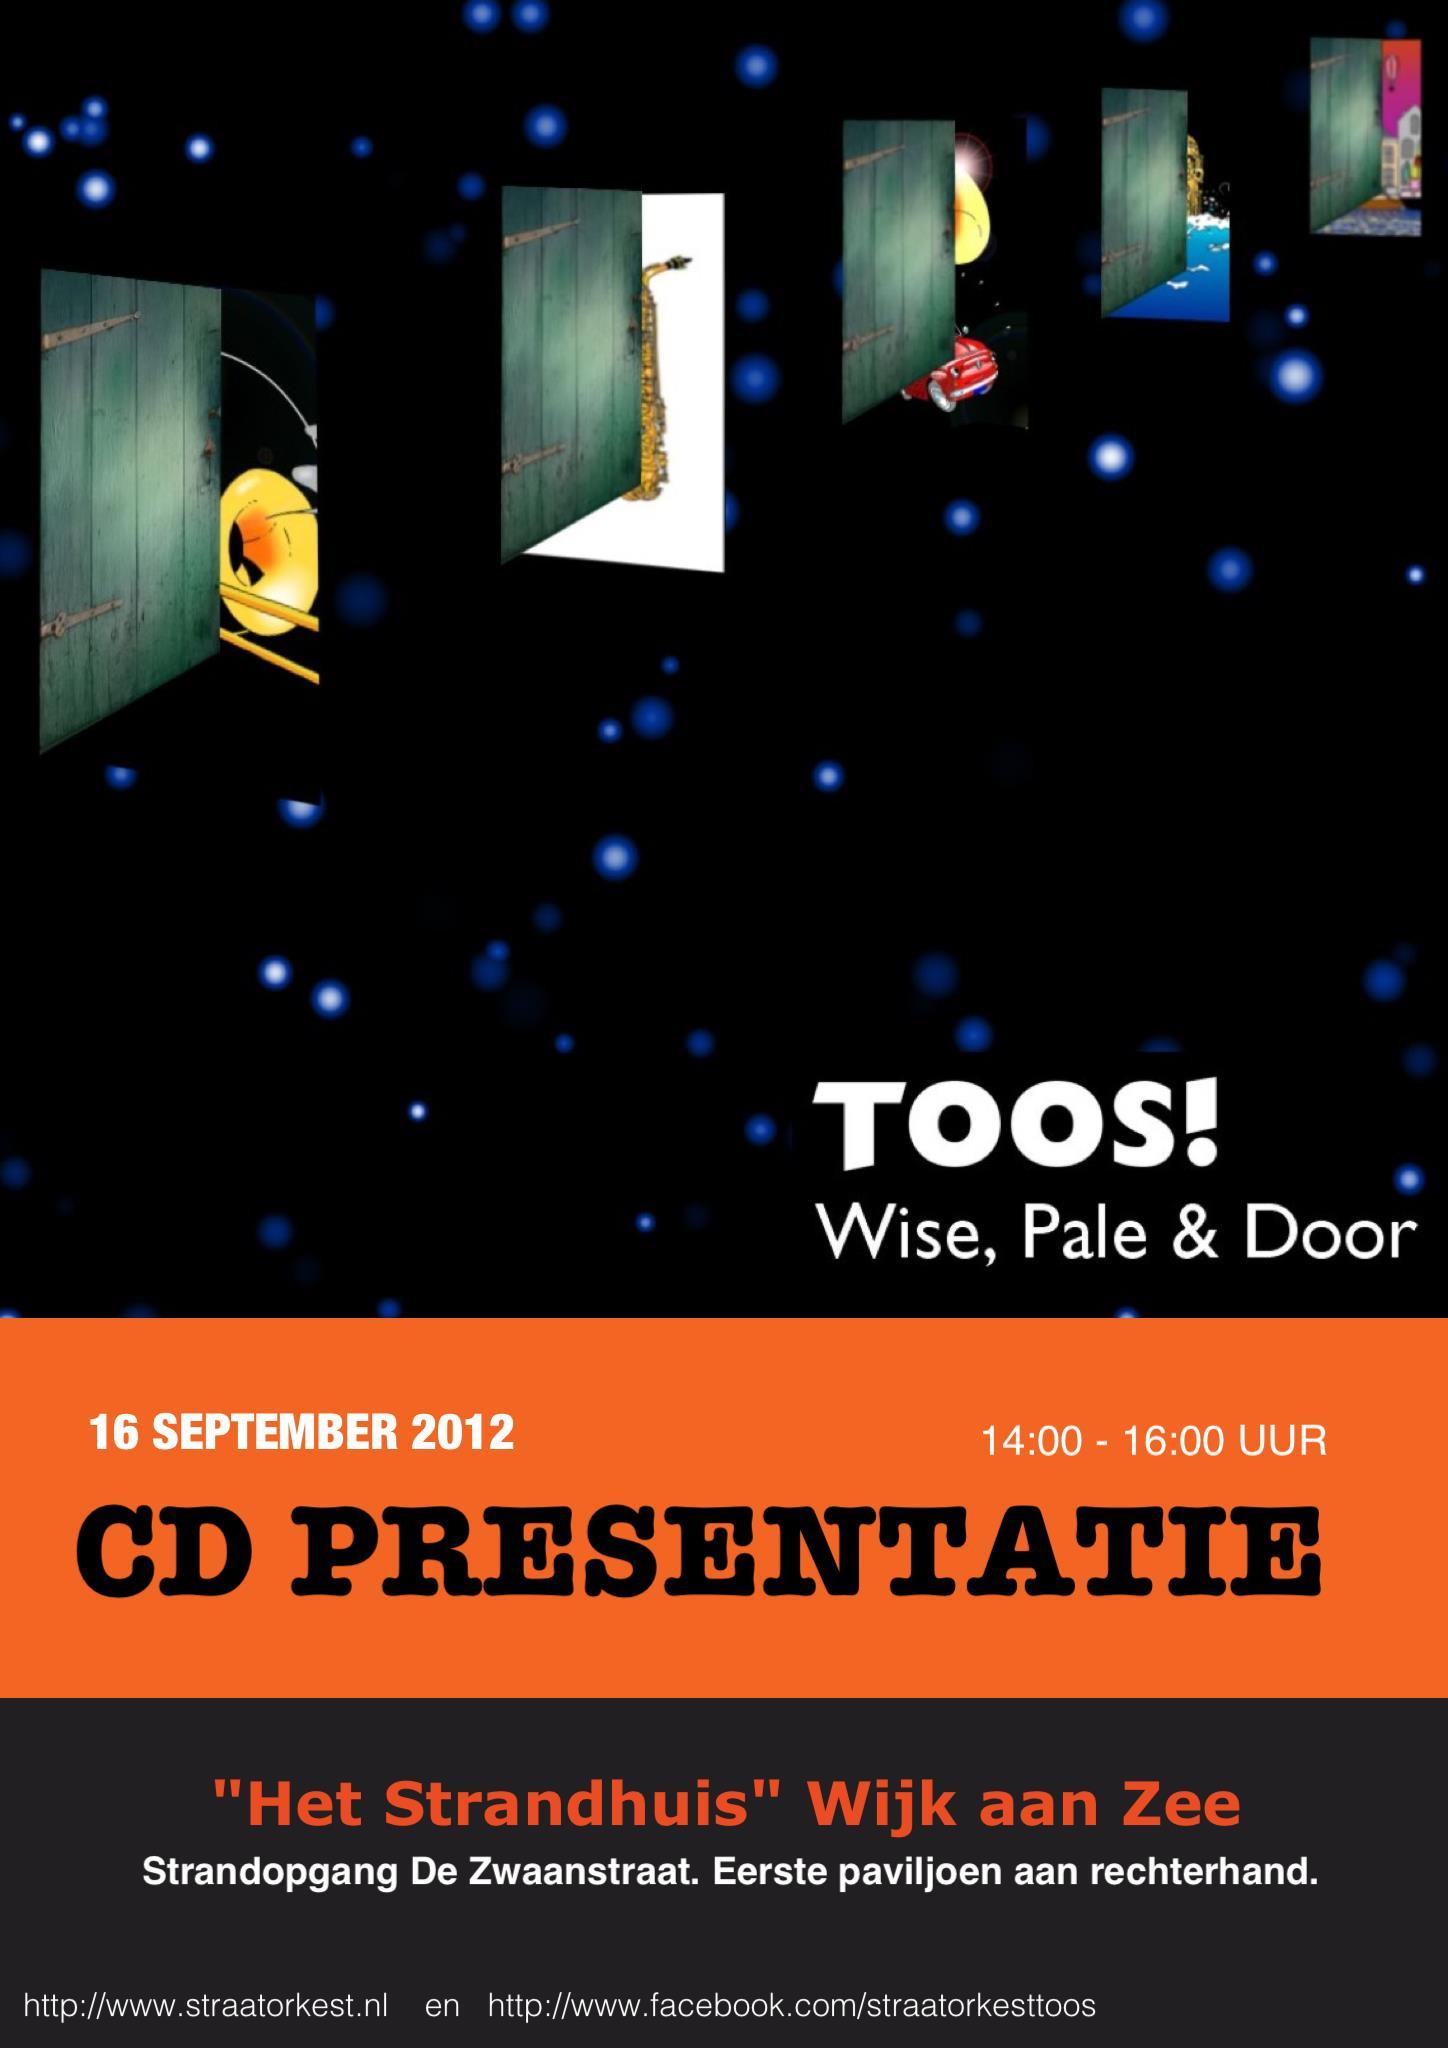 Kom ook naar de CD presentatie op 16 september!